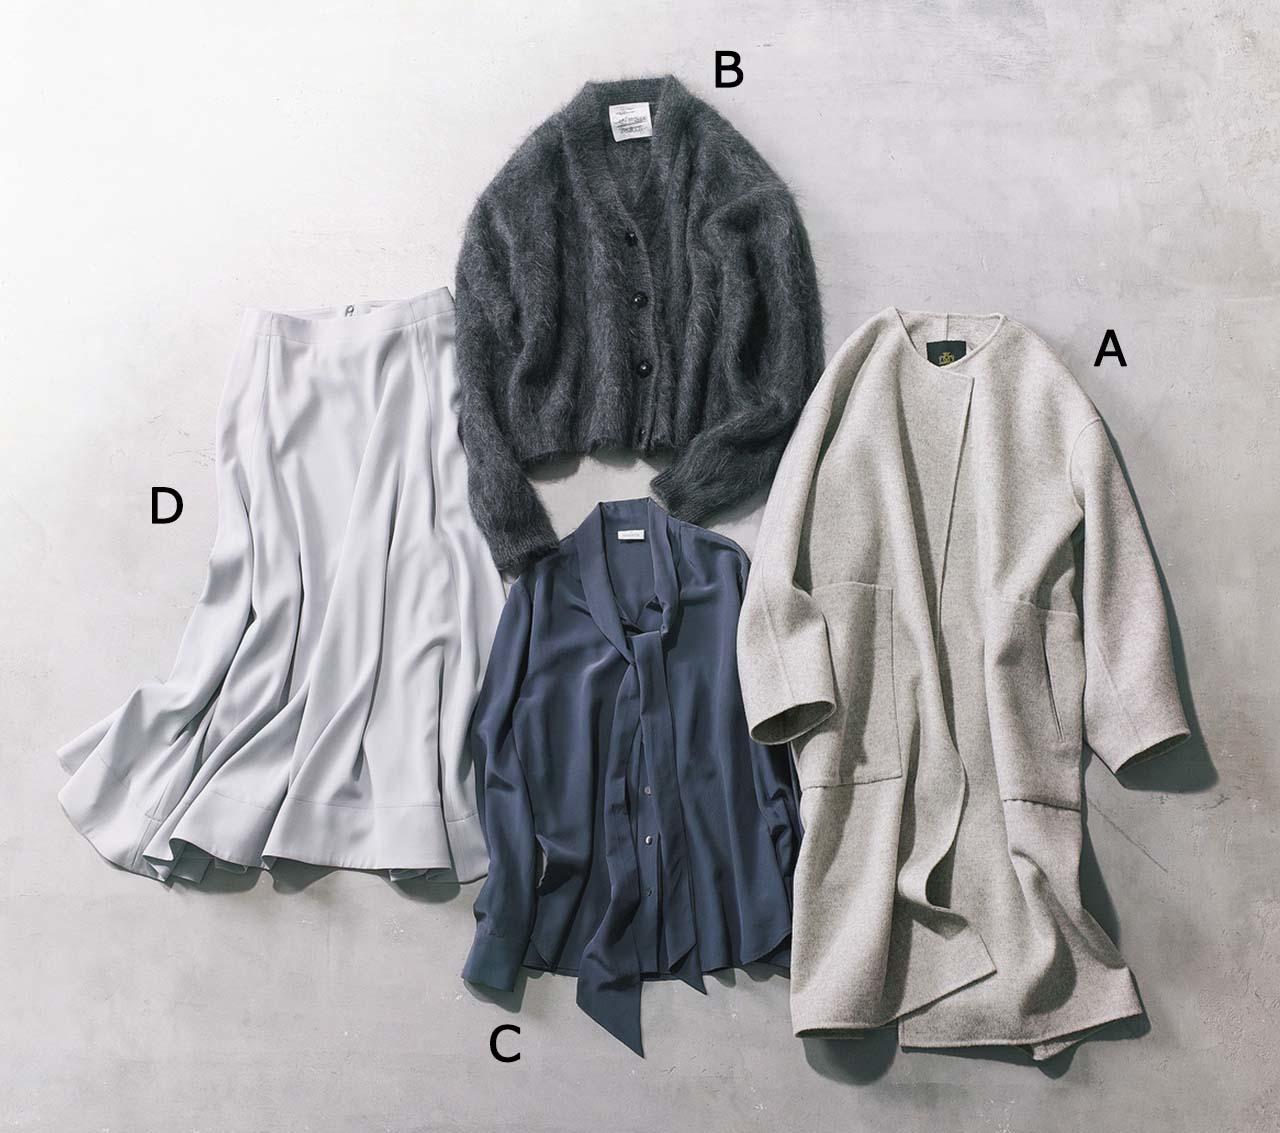 やわらかグレーのコート、ブラウス、カーディガン、スカート